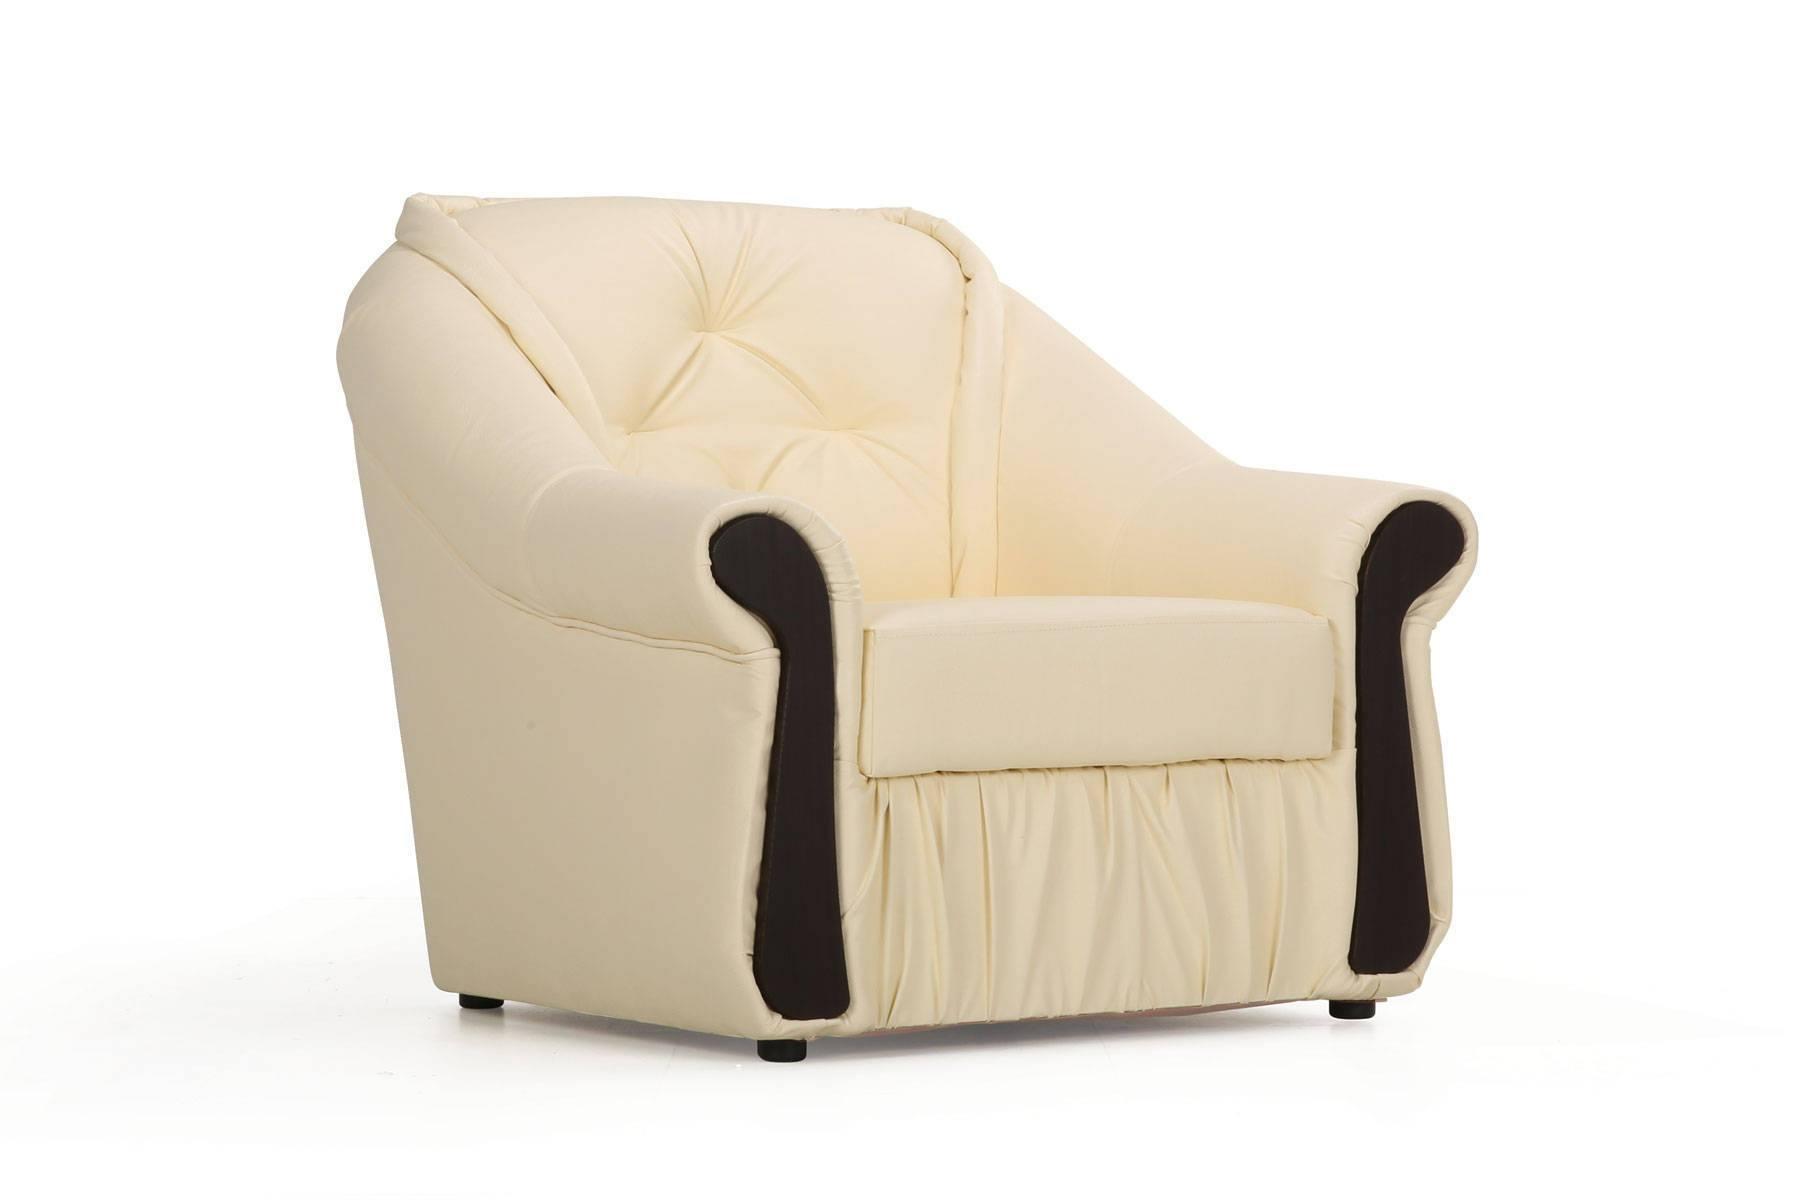 диваны-кровати купить диван-кровать в москве